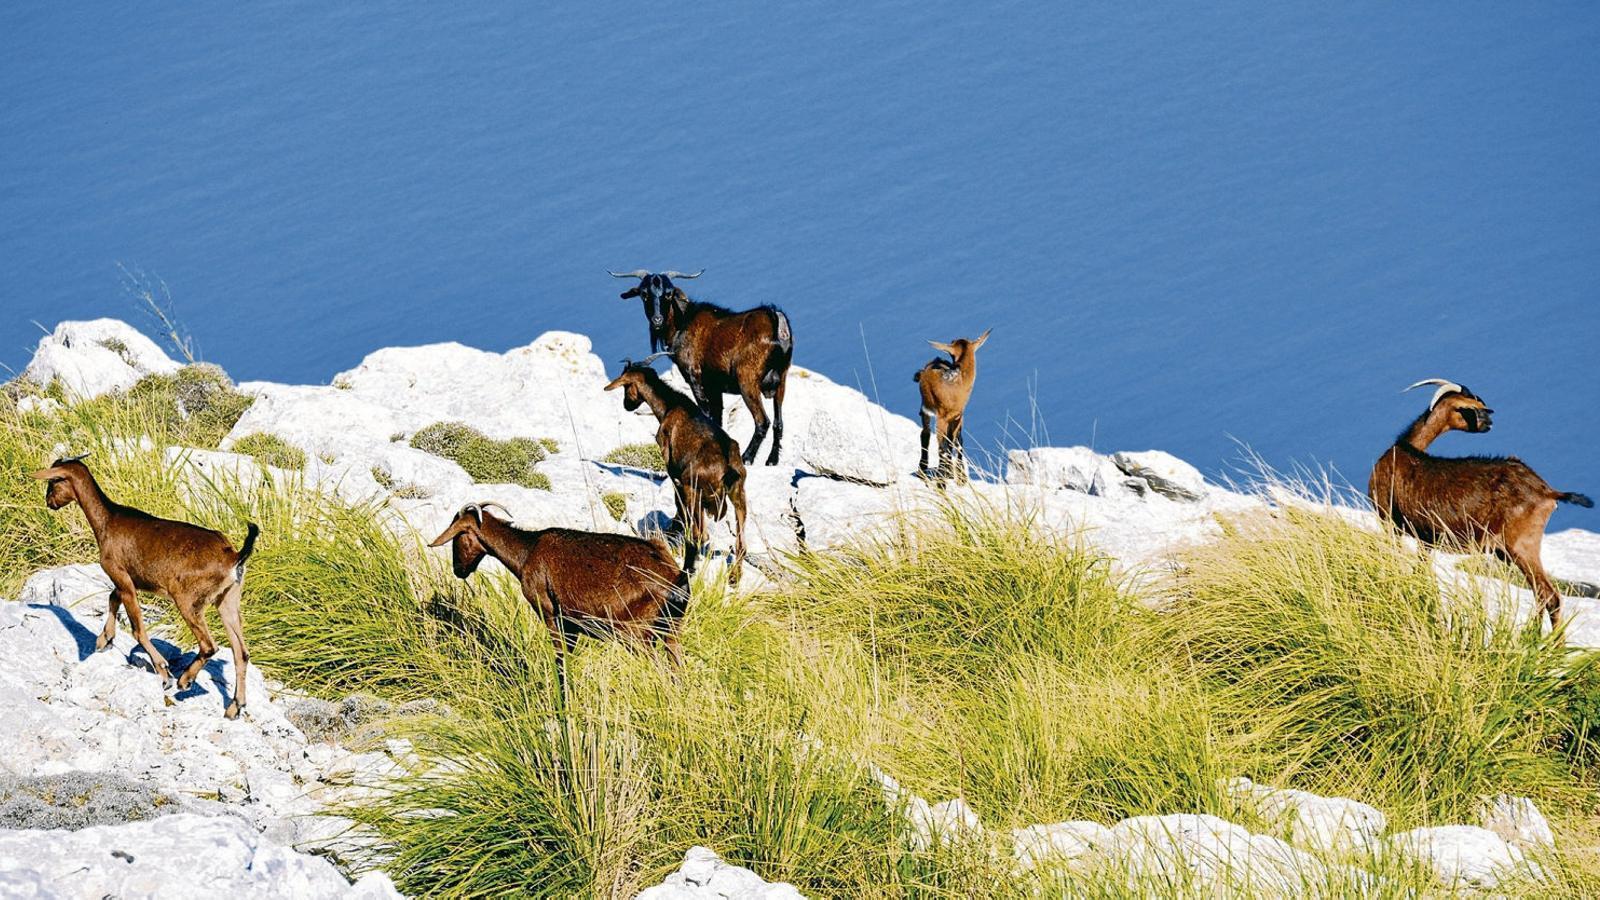 El paisatge forestal de la serra de Tramuntana està condicionat per la pressió excessiva de les cabres i la coberta vegetal és resultat d'una acció contínua dels herbívors, en primer lloc, i per la combinació del foc, les sequeres, les plagues  i la gestió històrica. A la foto, una guarda pastura a la mola de l'Esclop.